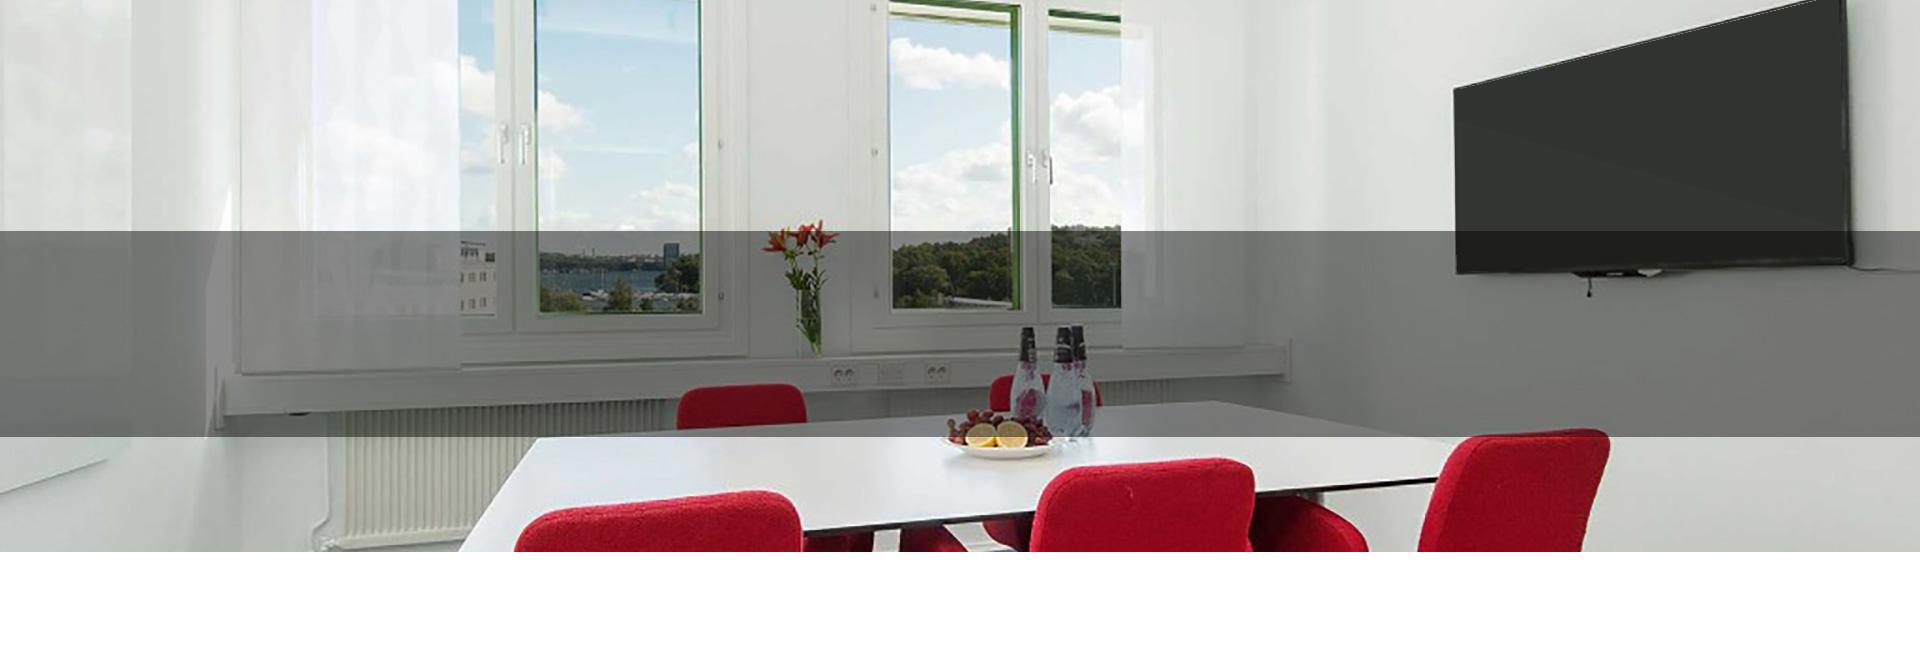 konferensrum-kontorshotell-stockholm